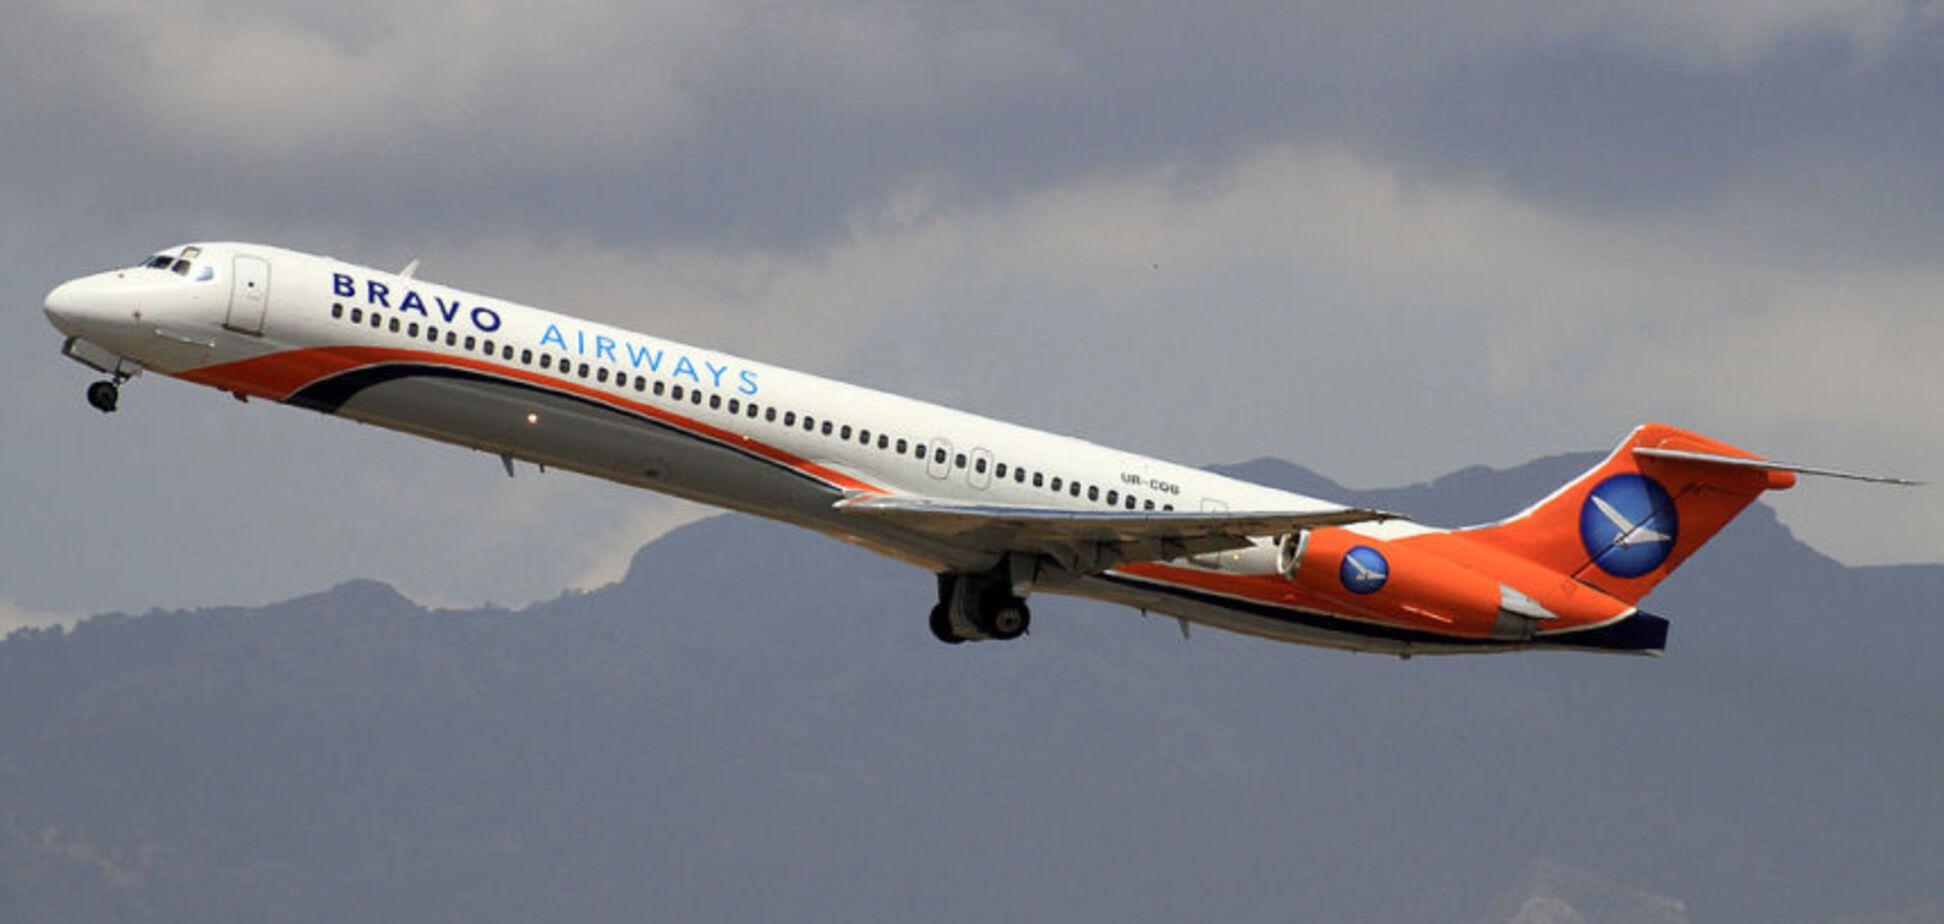 Скандал с Bravo Airways: появилось видео аварийной посадки в аэропорту 'Киев'